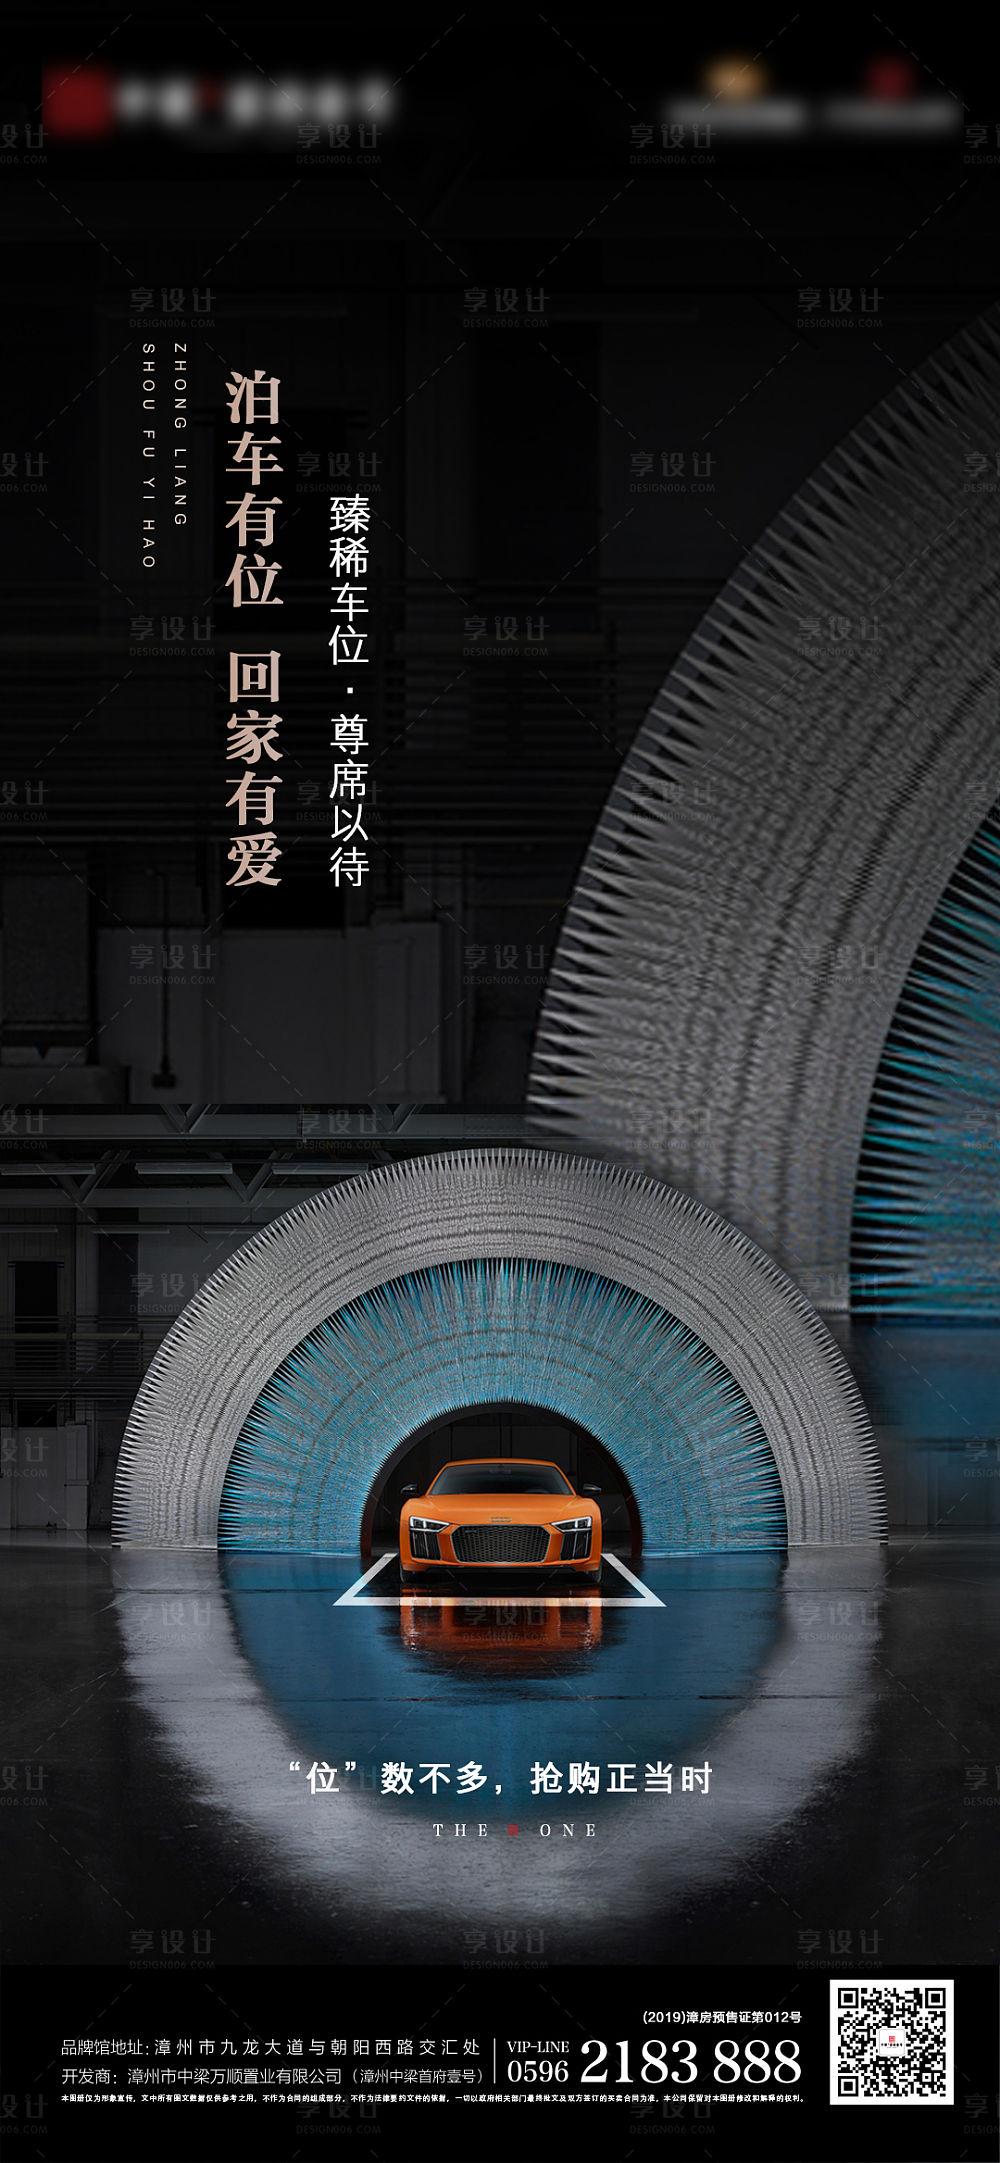 【源文件下载】 海报 房地产 车位 汽车 创意